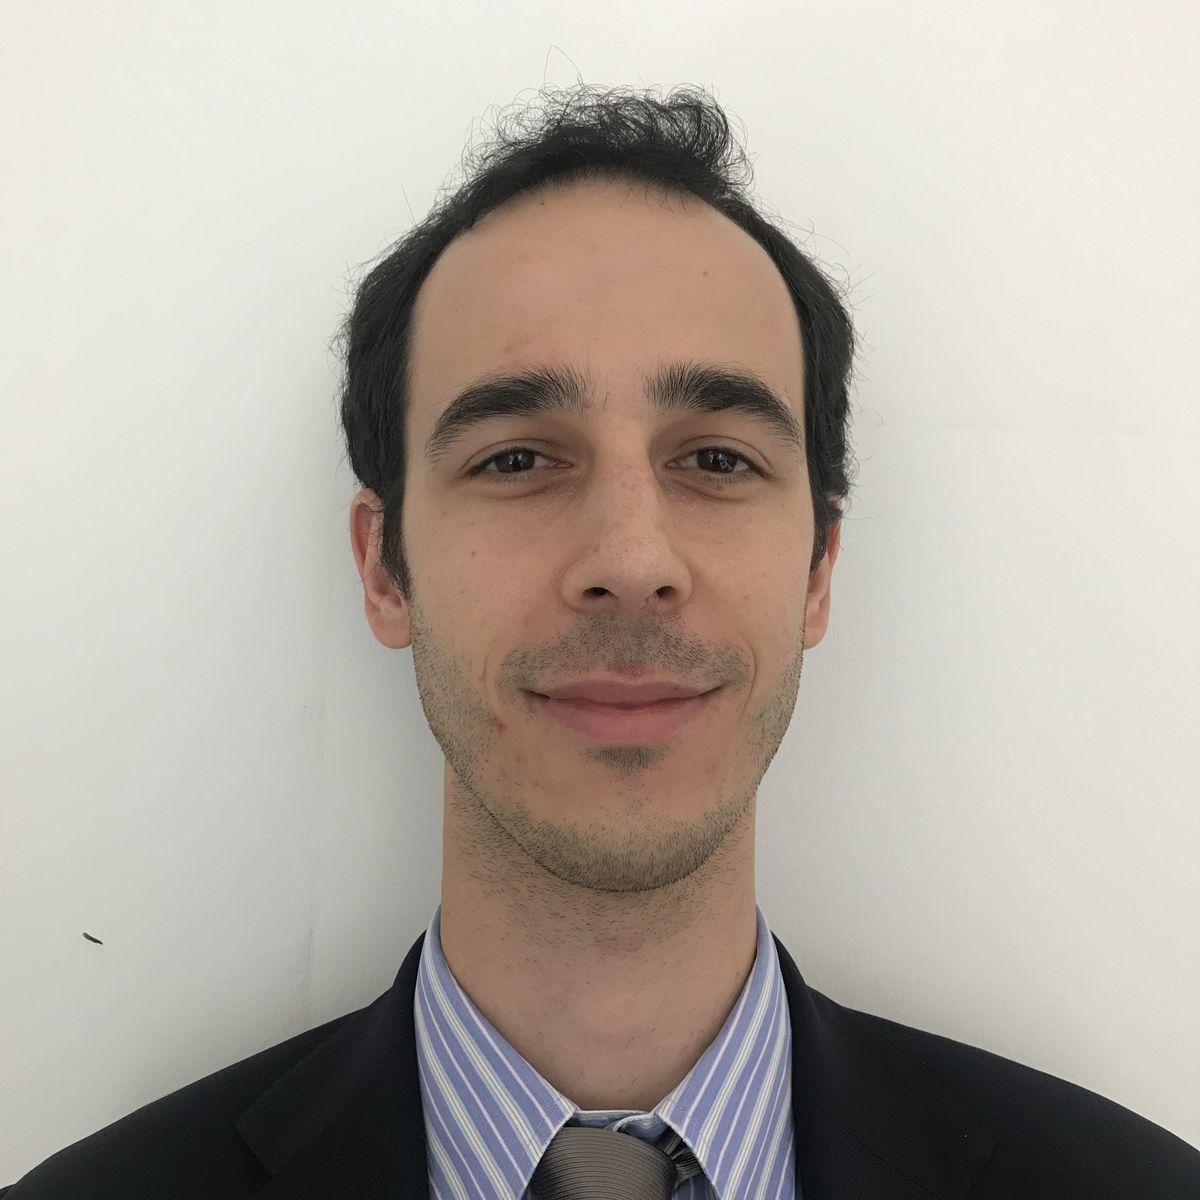 Giorgio Alessandro Motta